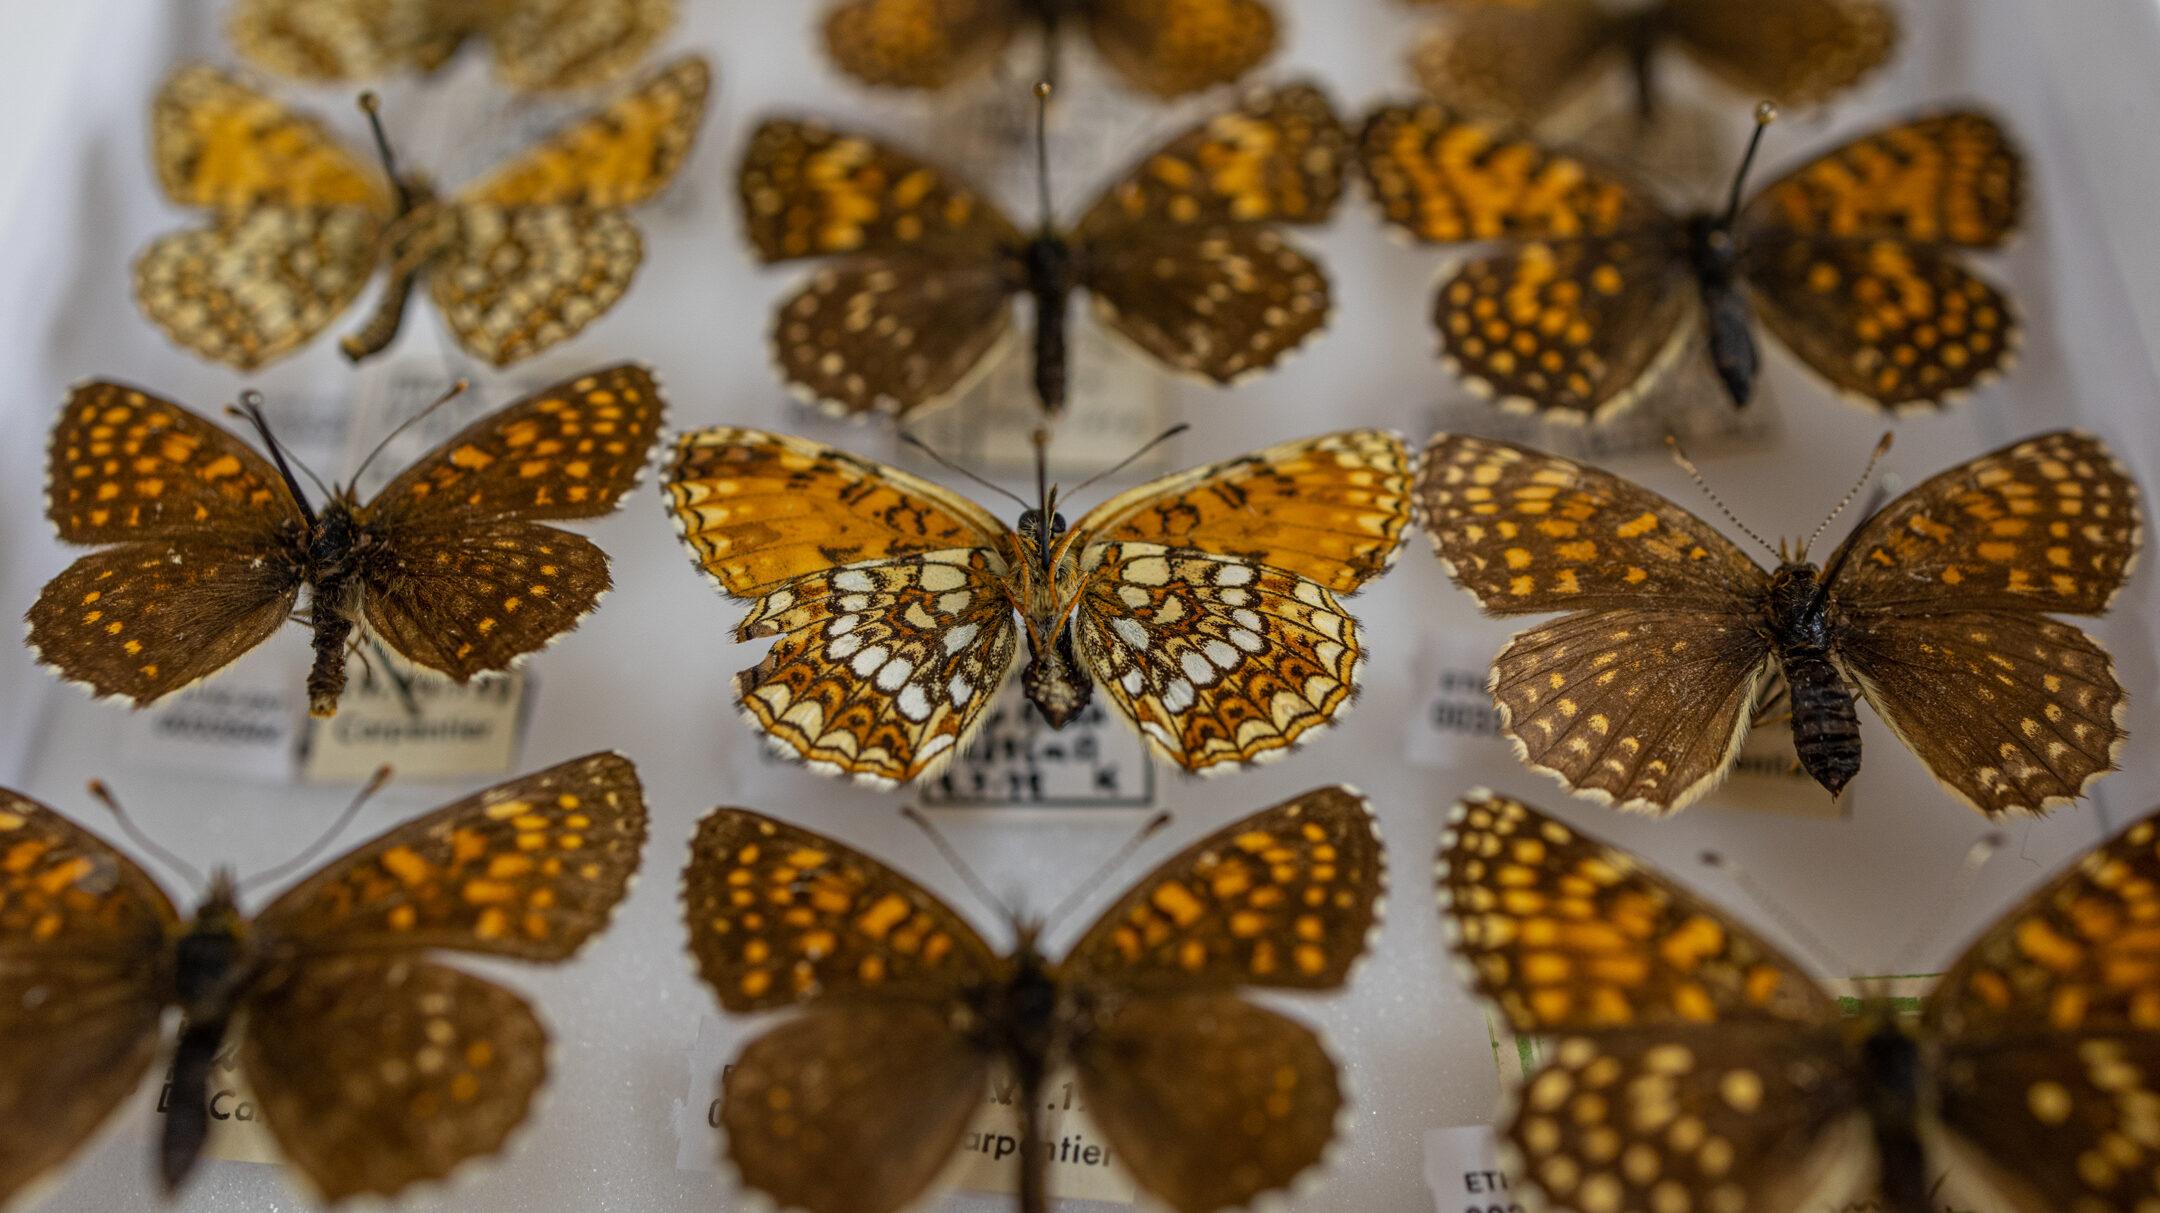 False heath fritillary, Melitaea diamina, in the Entomological Collection Zurich.